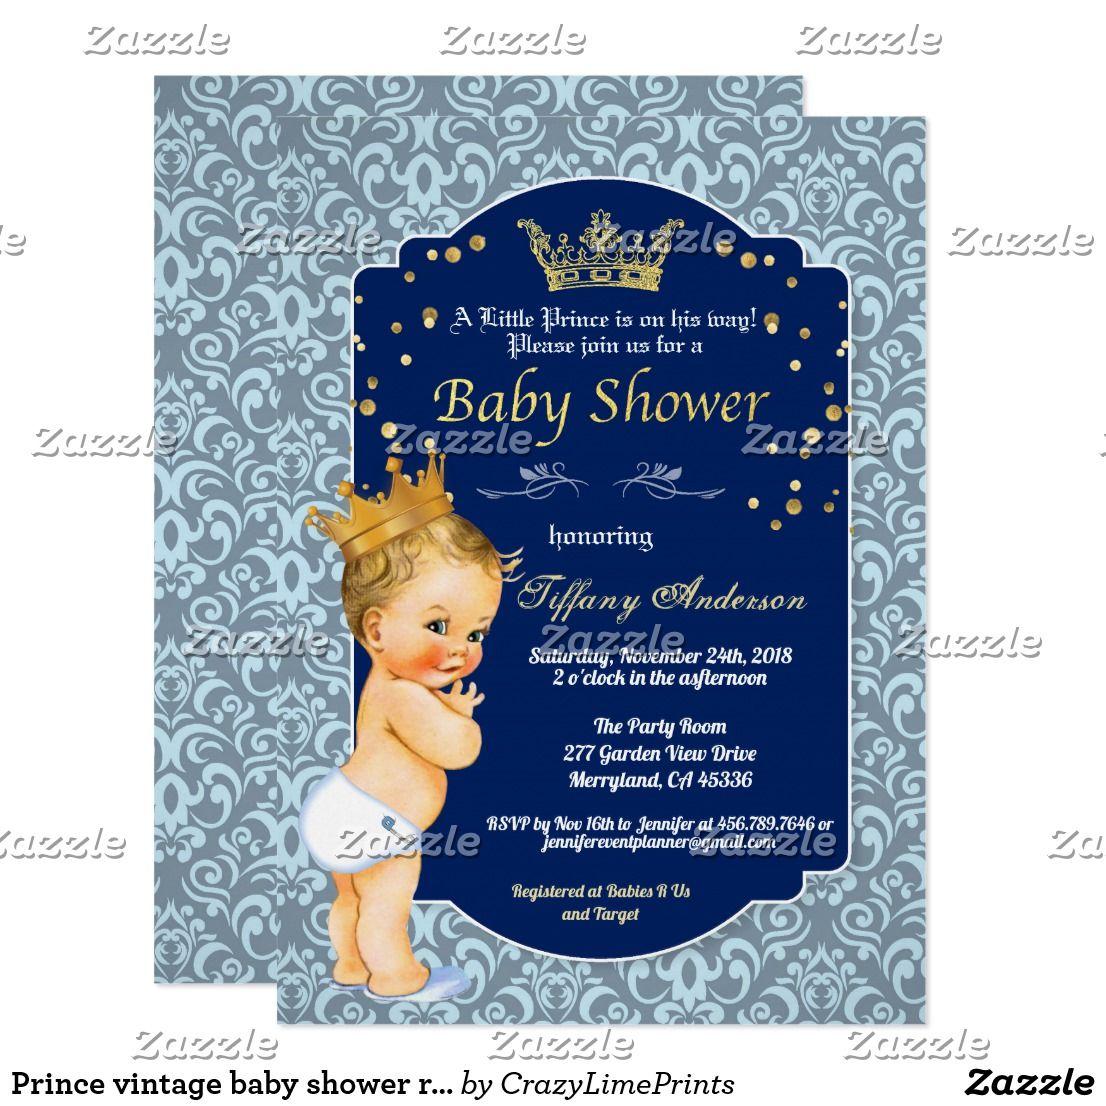 Prince Vintage Baby Shower Royal Blue